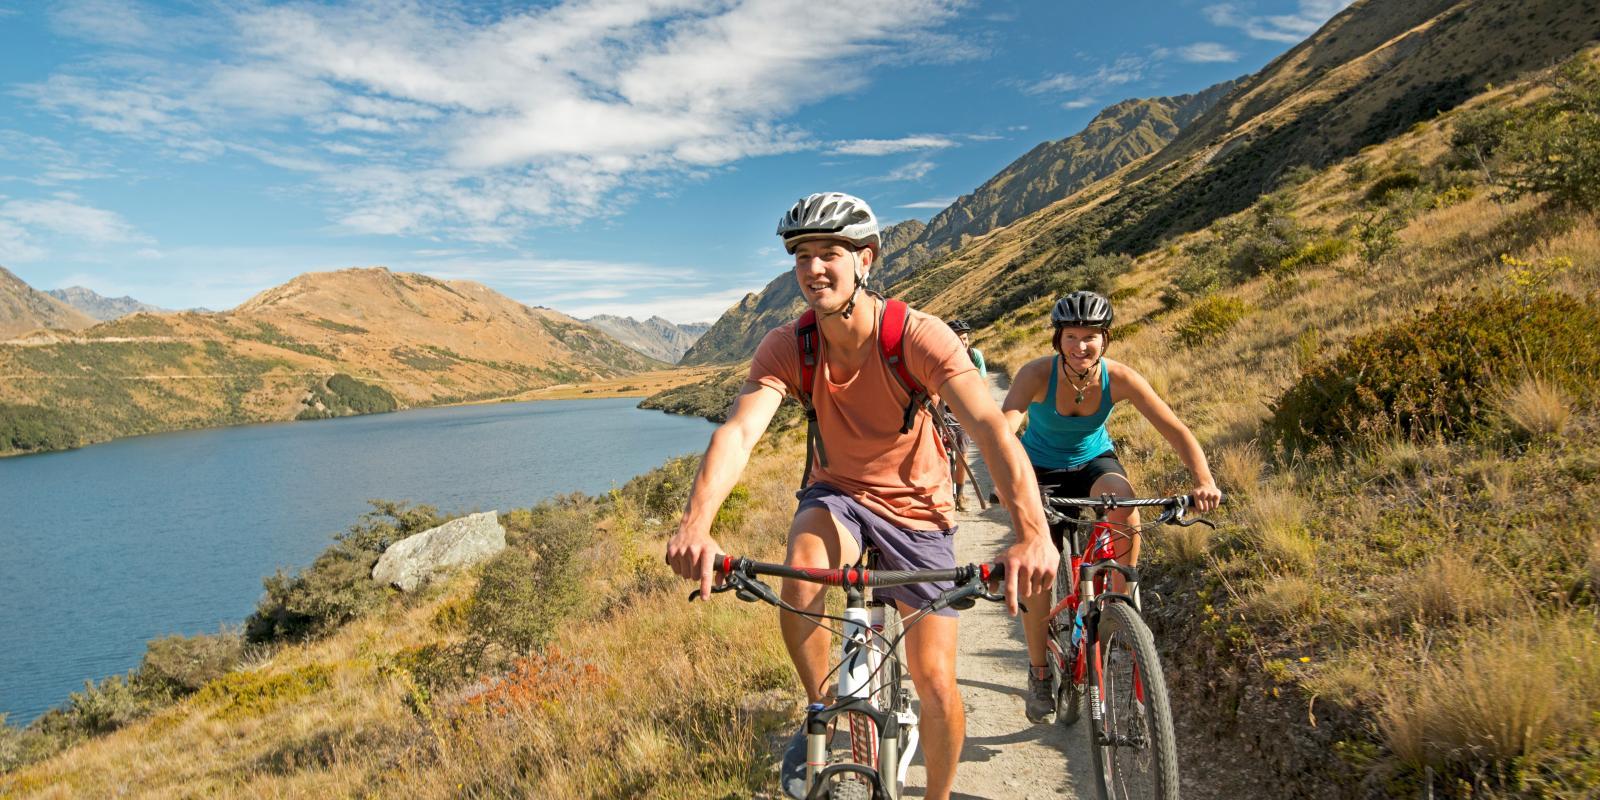 Biking at Moke Lake queenstown